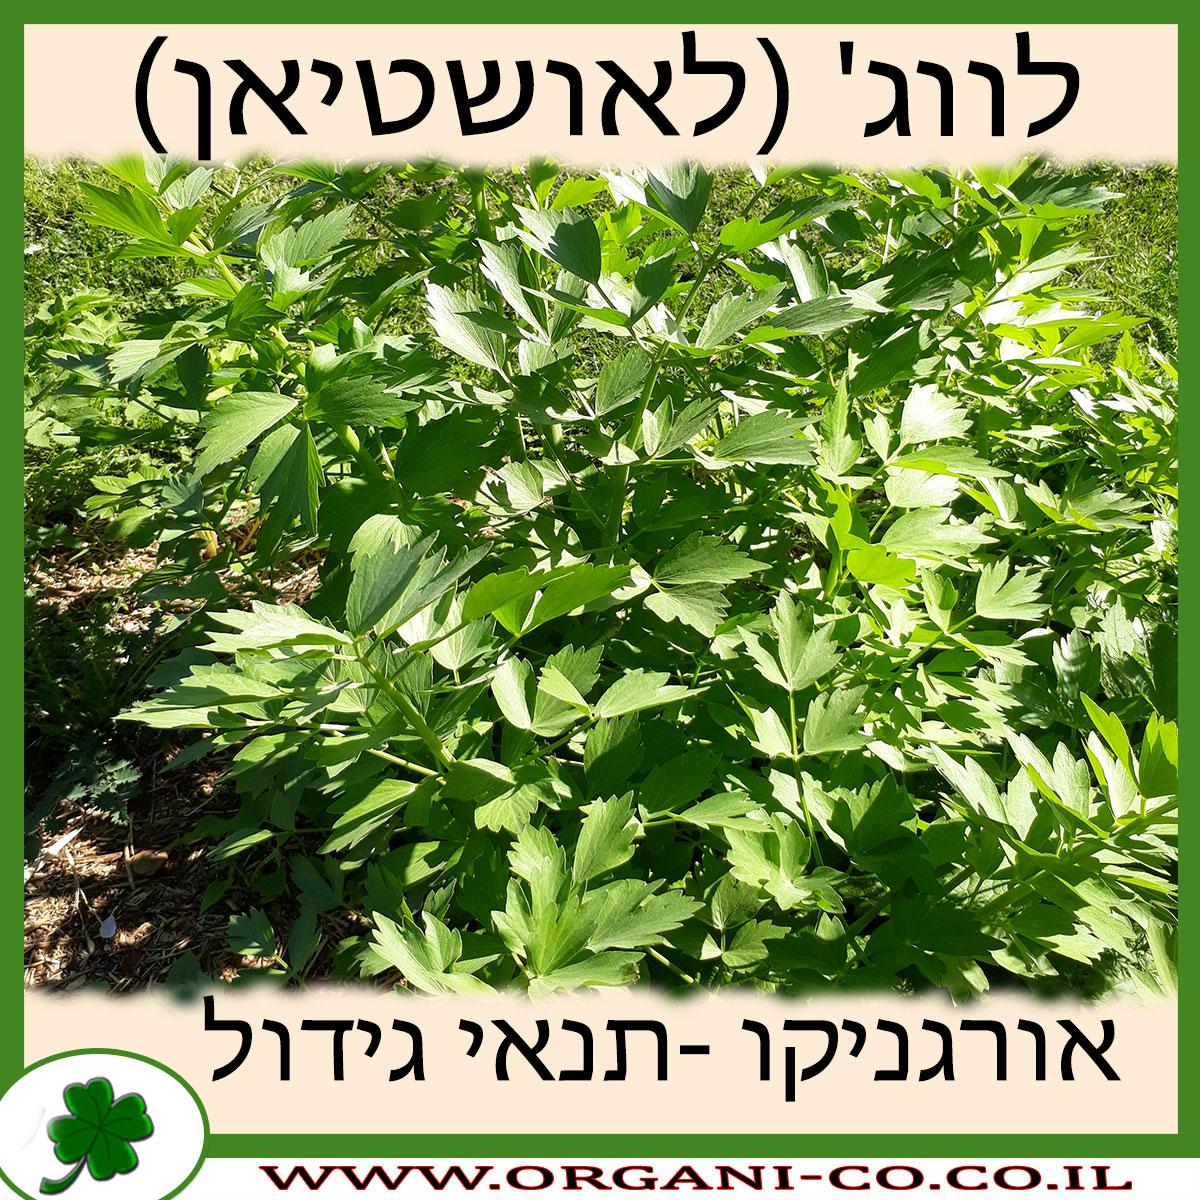 לווג' (לאושטיאן) גידול צמח